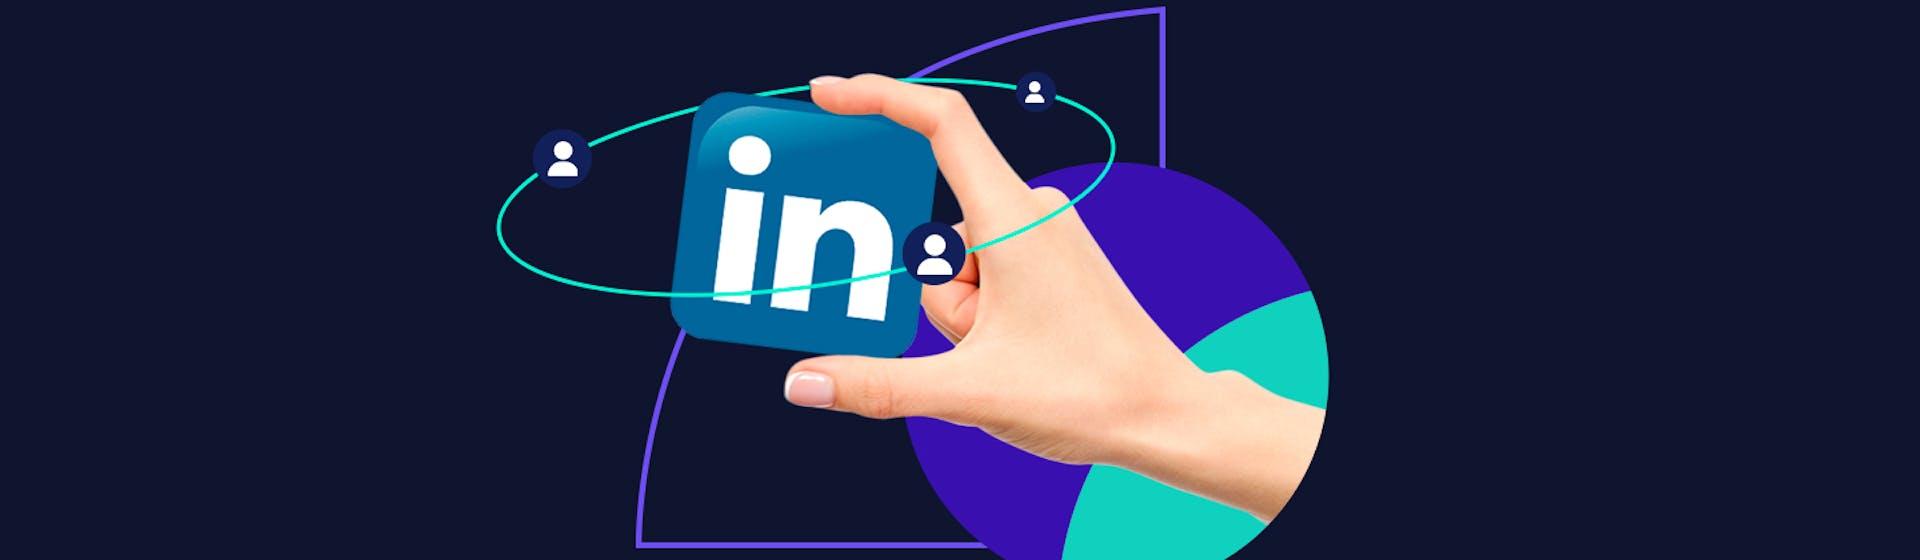 Generación de leads en LinkedIn: 8 consejos que aumentarán la efectividad de tu embudo de ventas